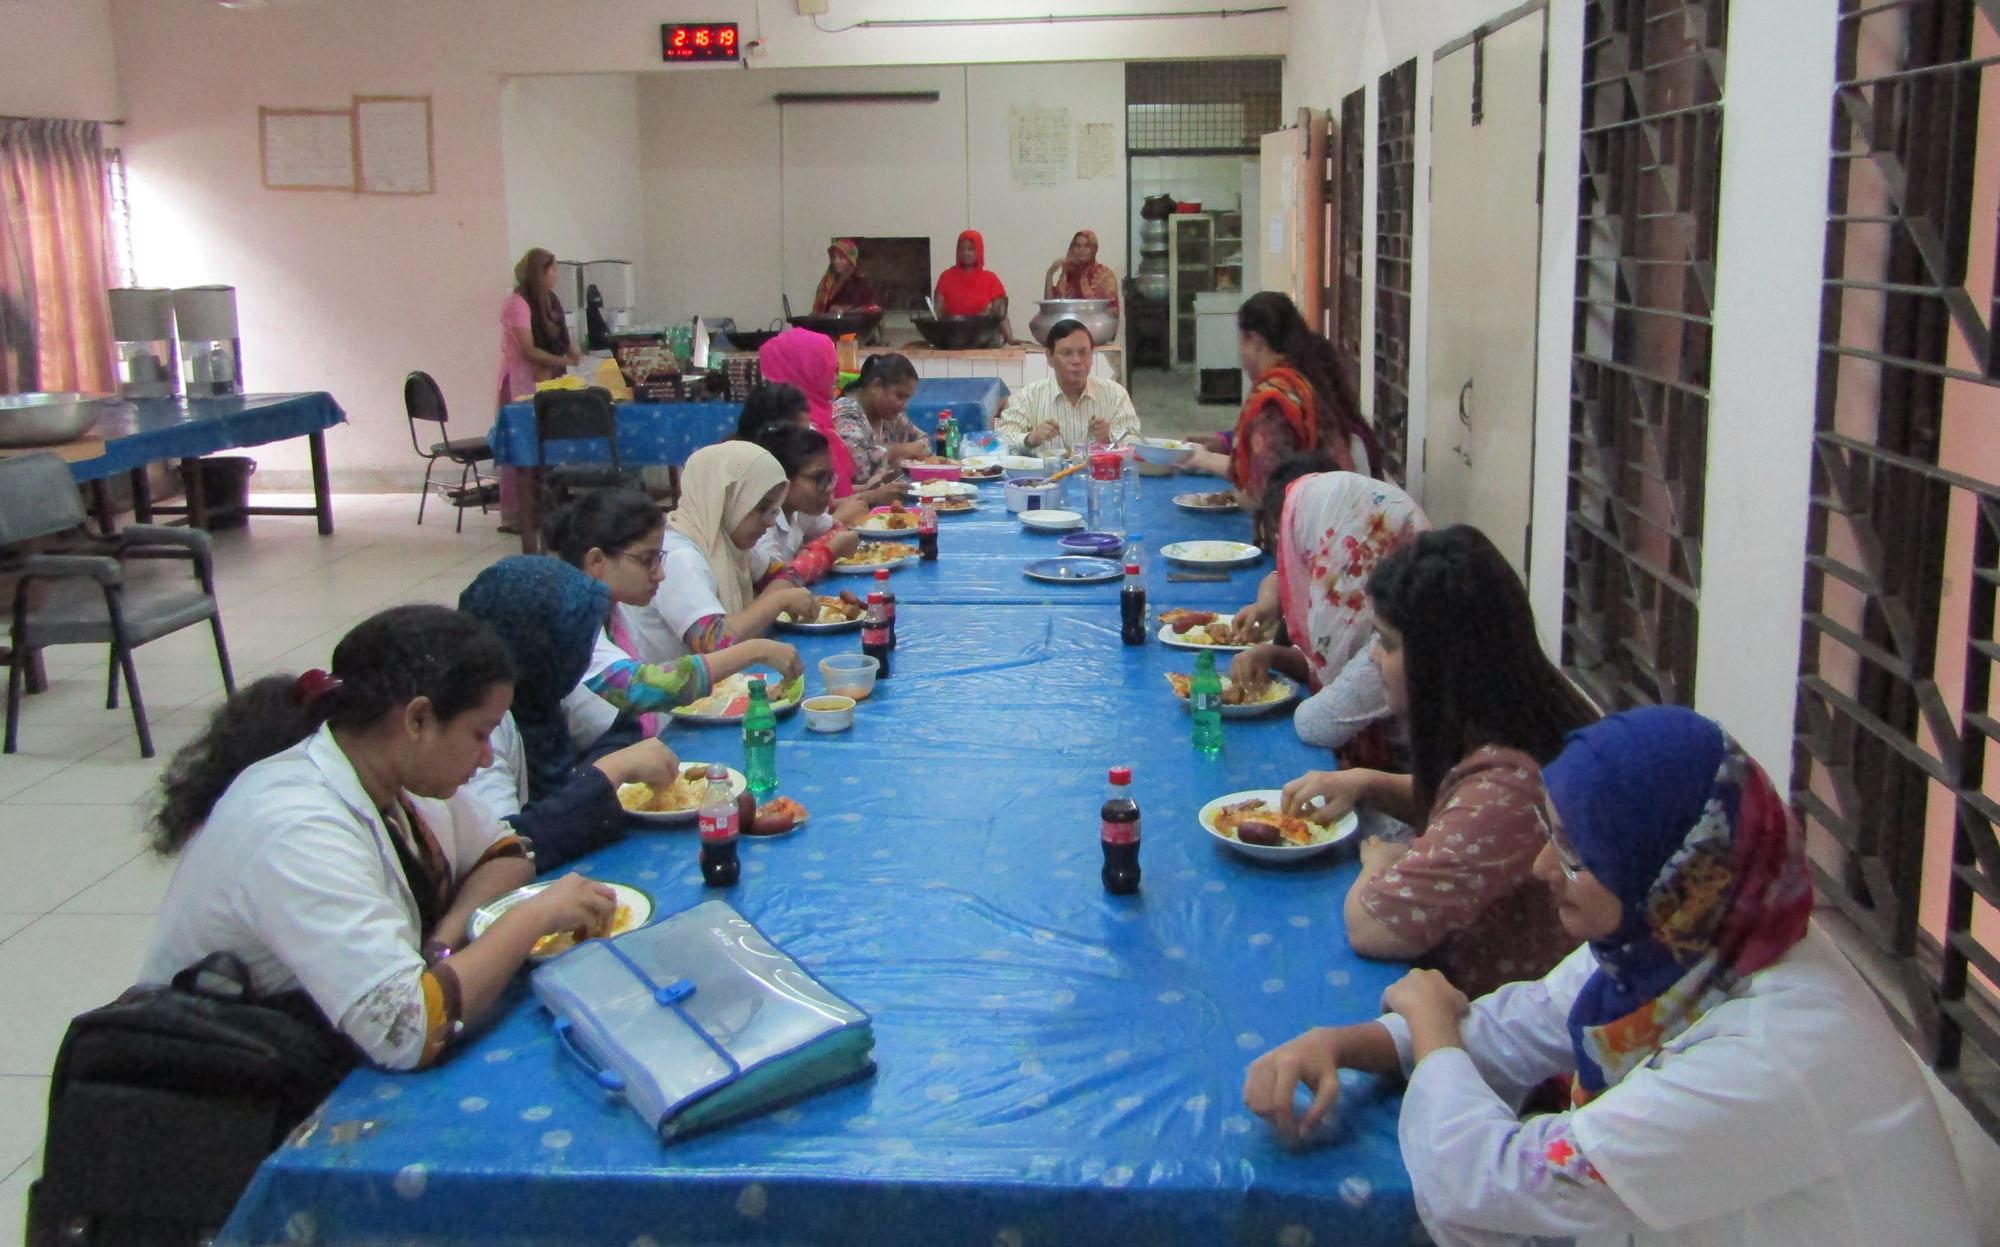 Hostel Dinning Room